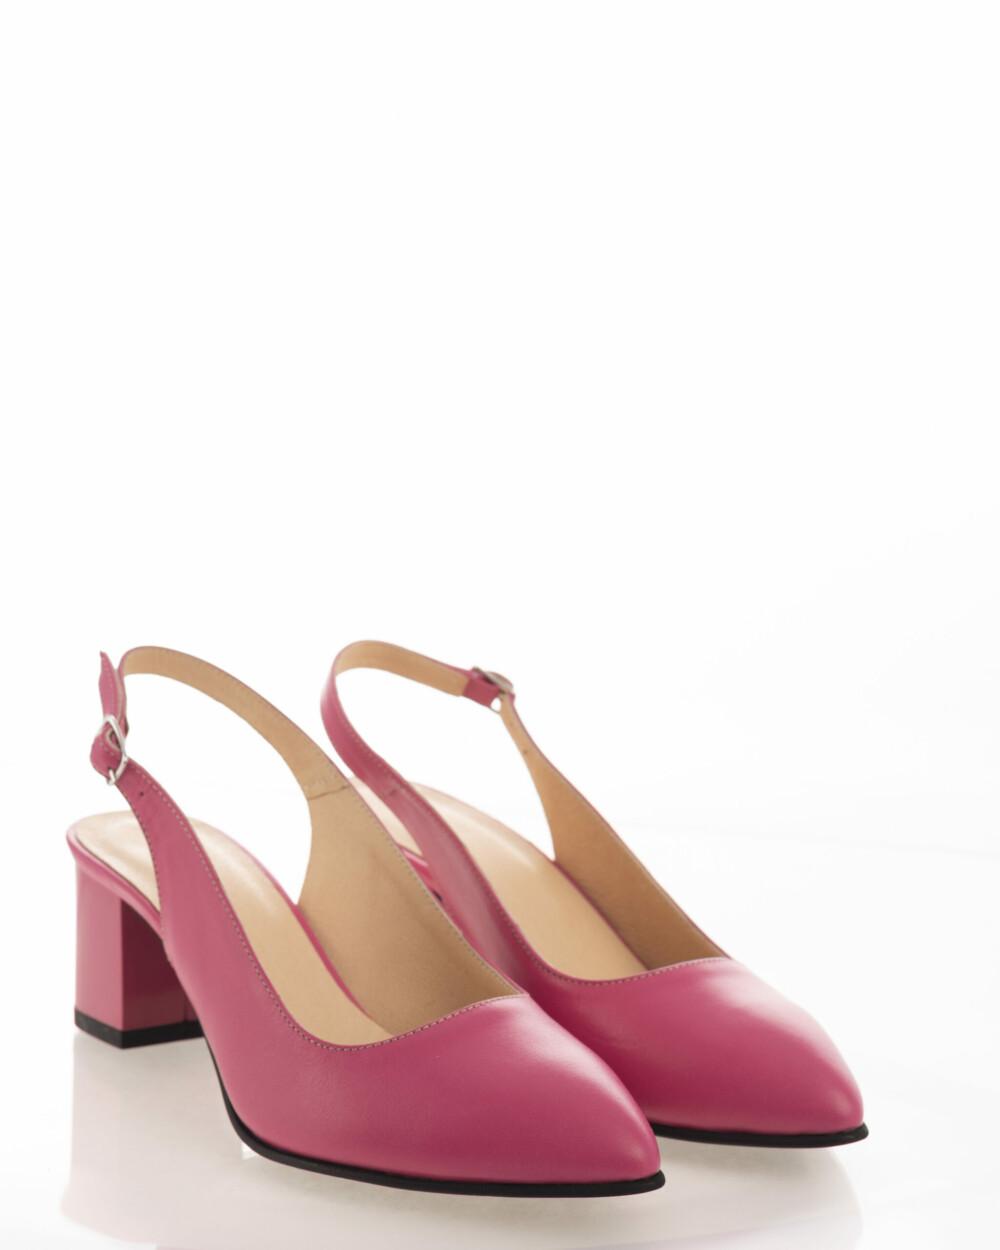 Pantofi sandale roz din piele naturala